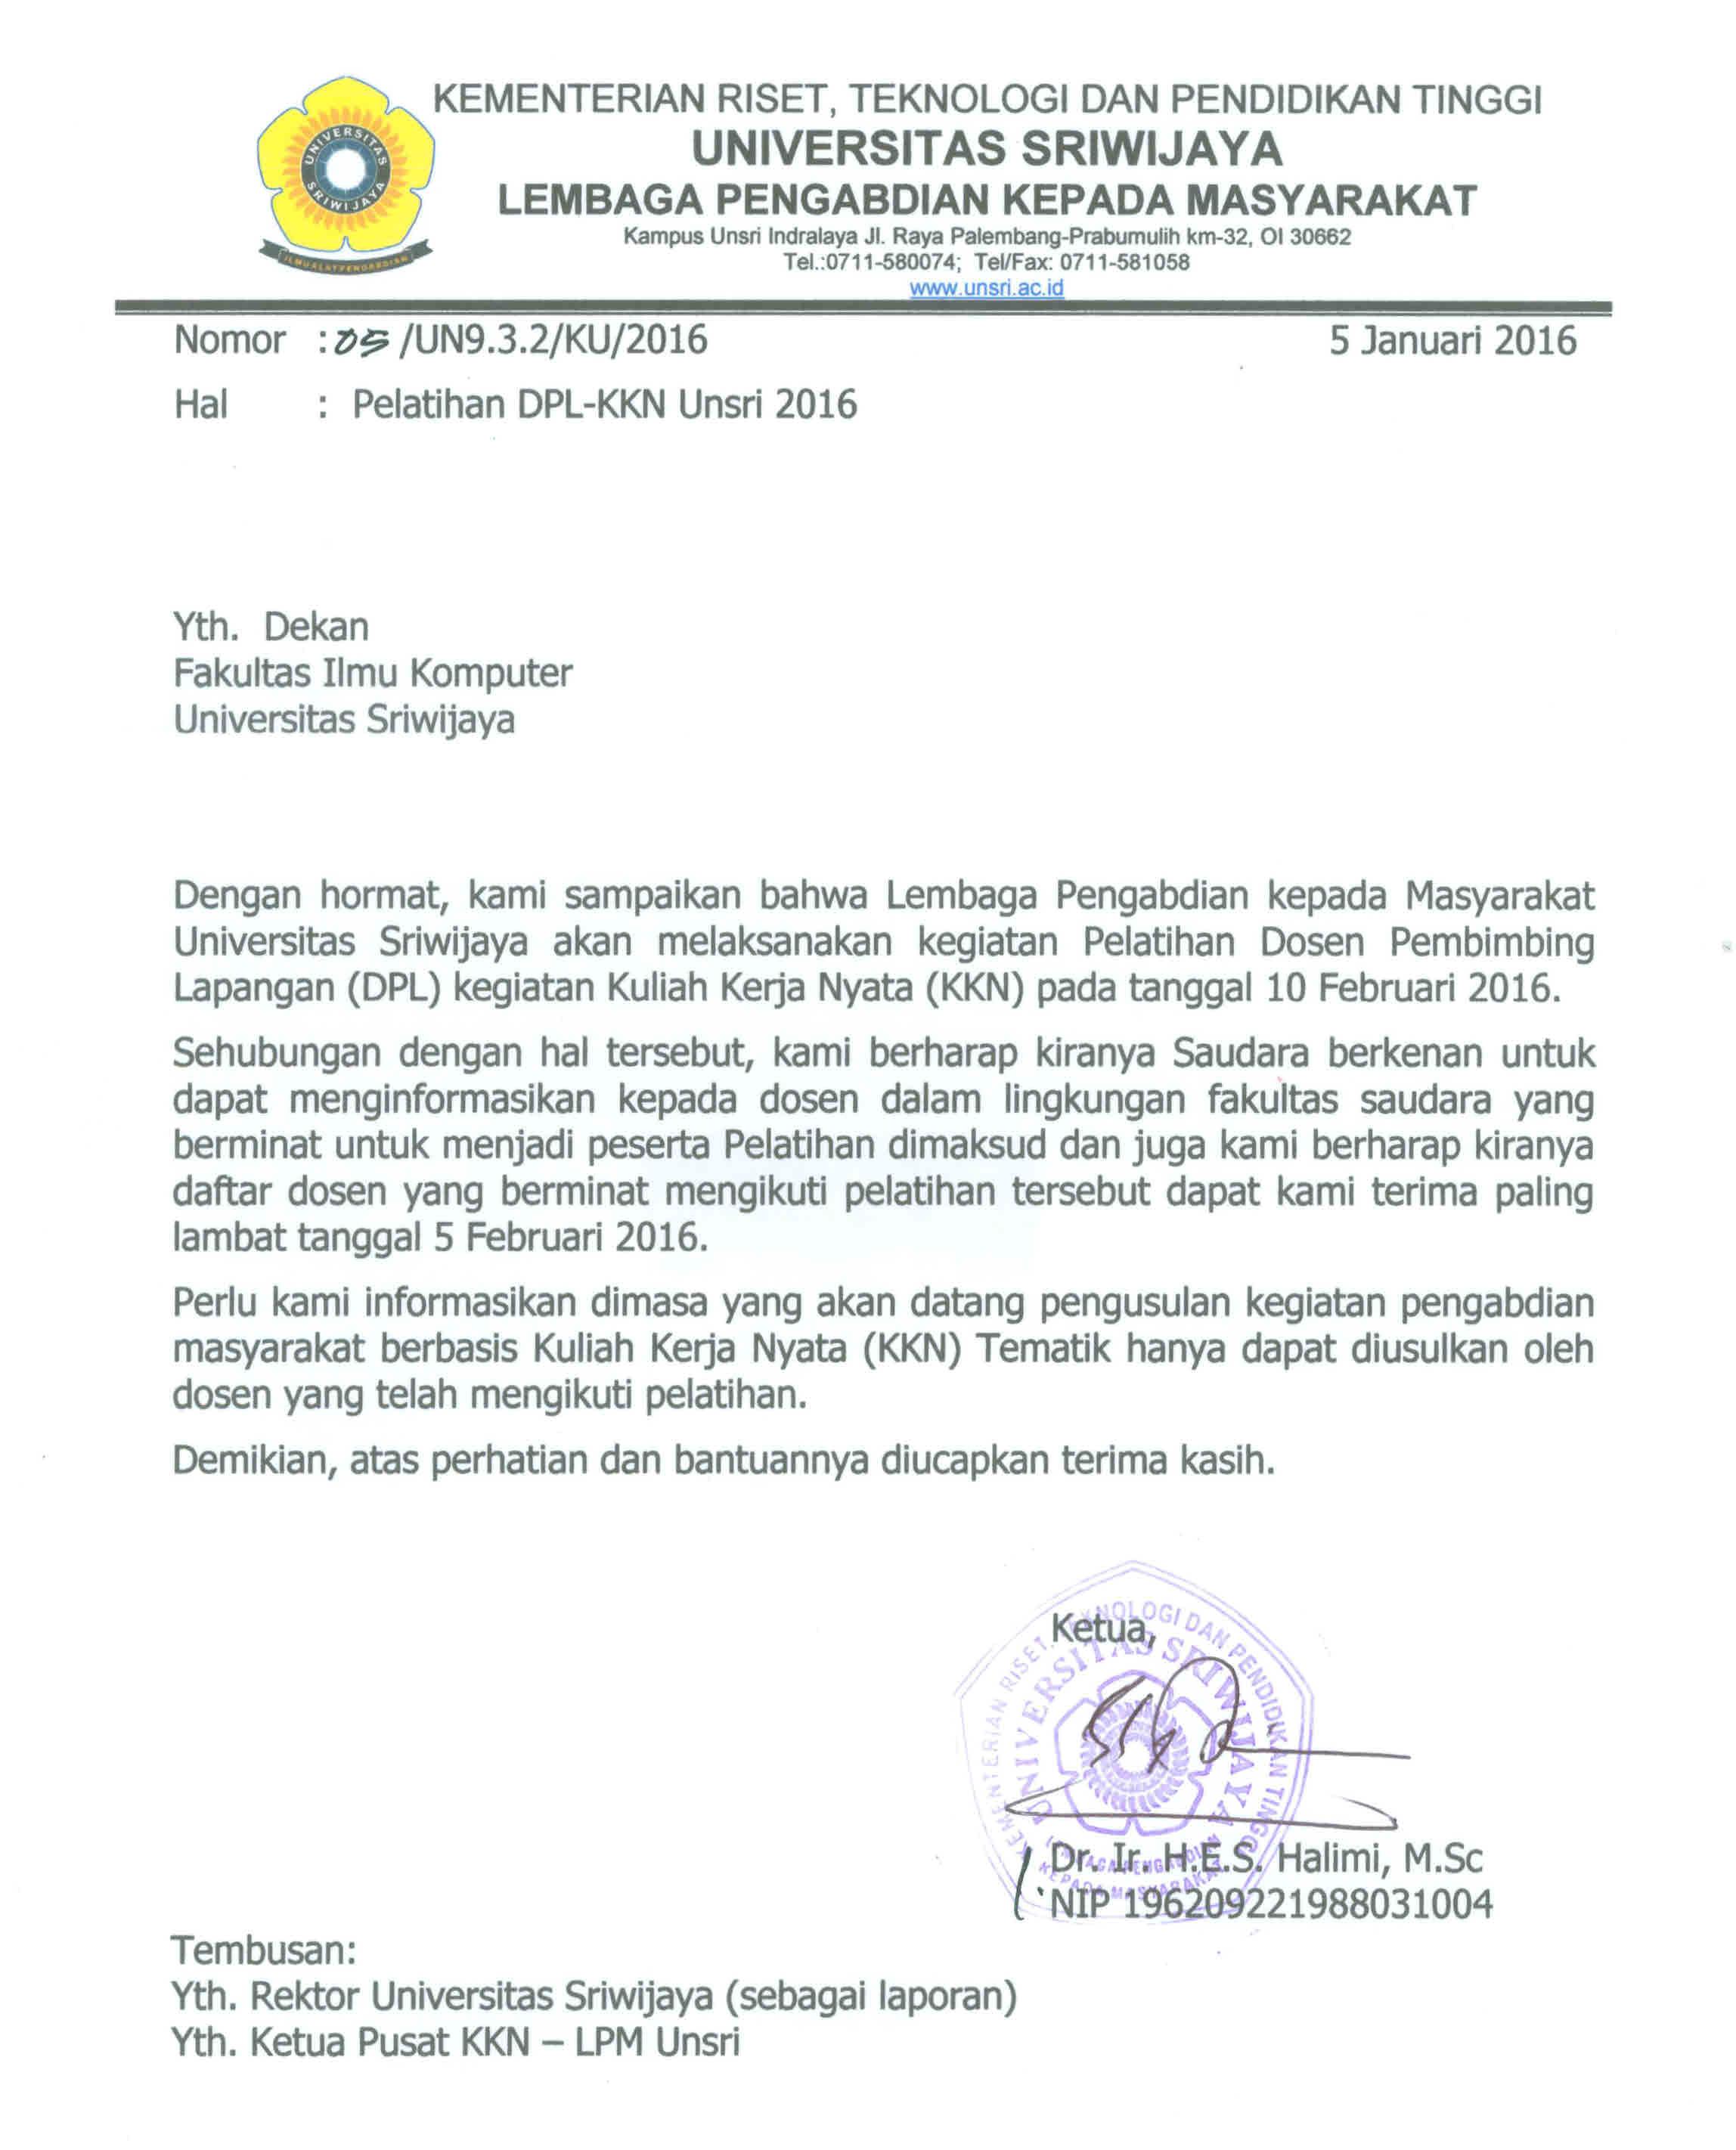 elatihan DPL-KKN Unsri 2016